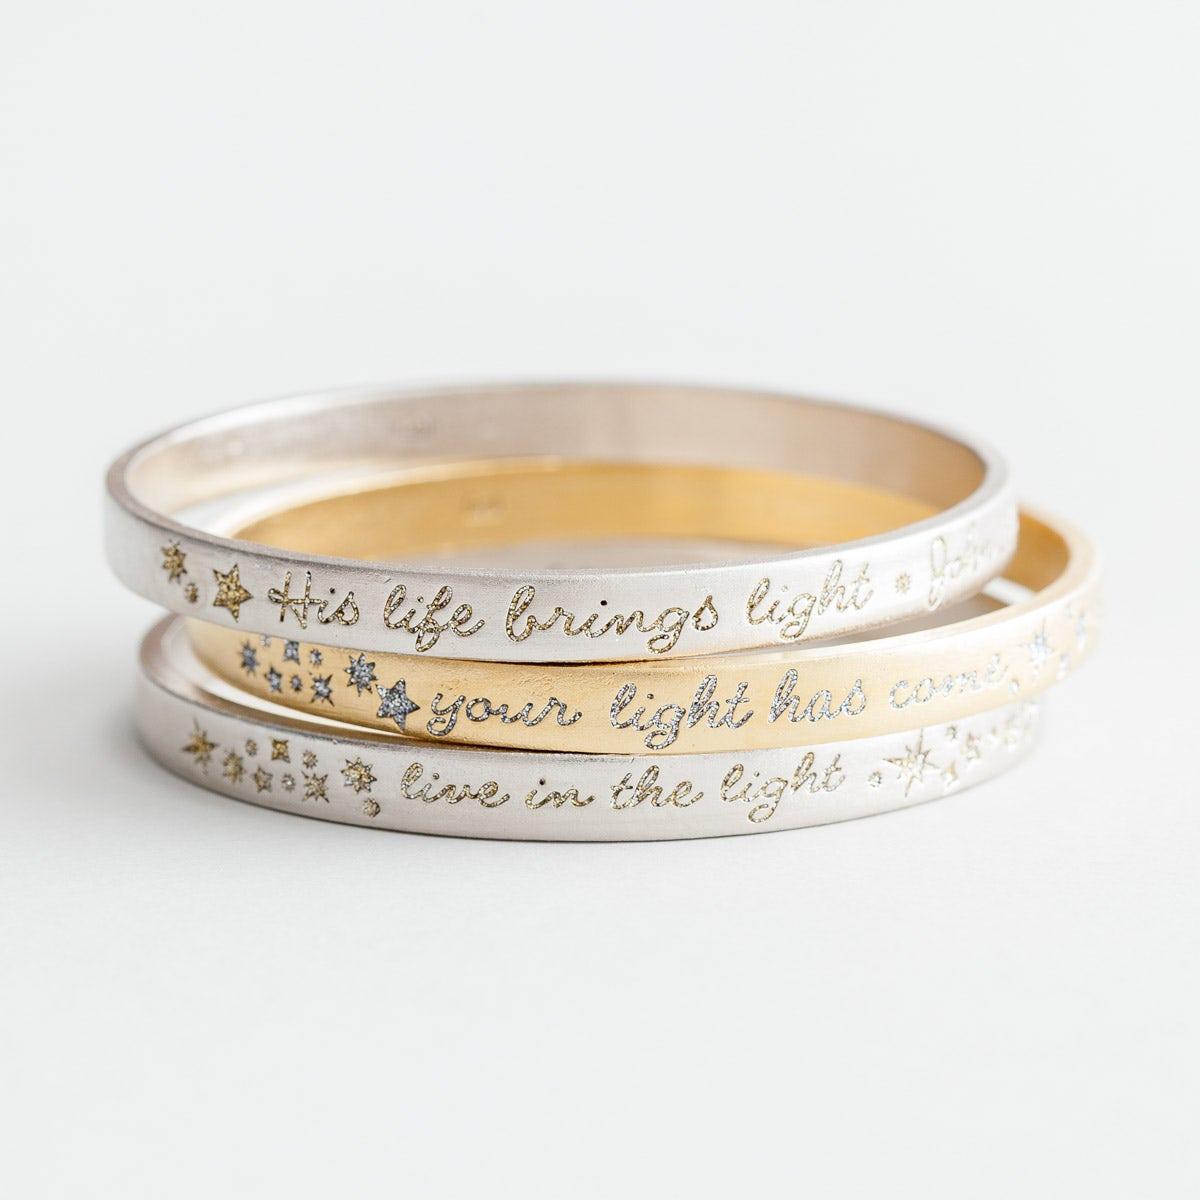 Everlasting Light - Bangles, Set of 3